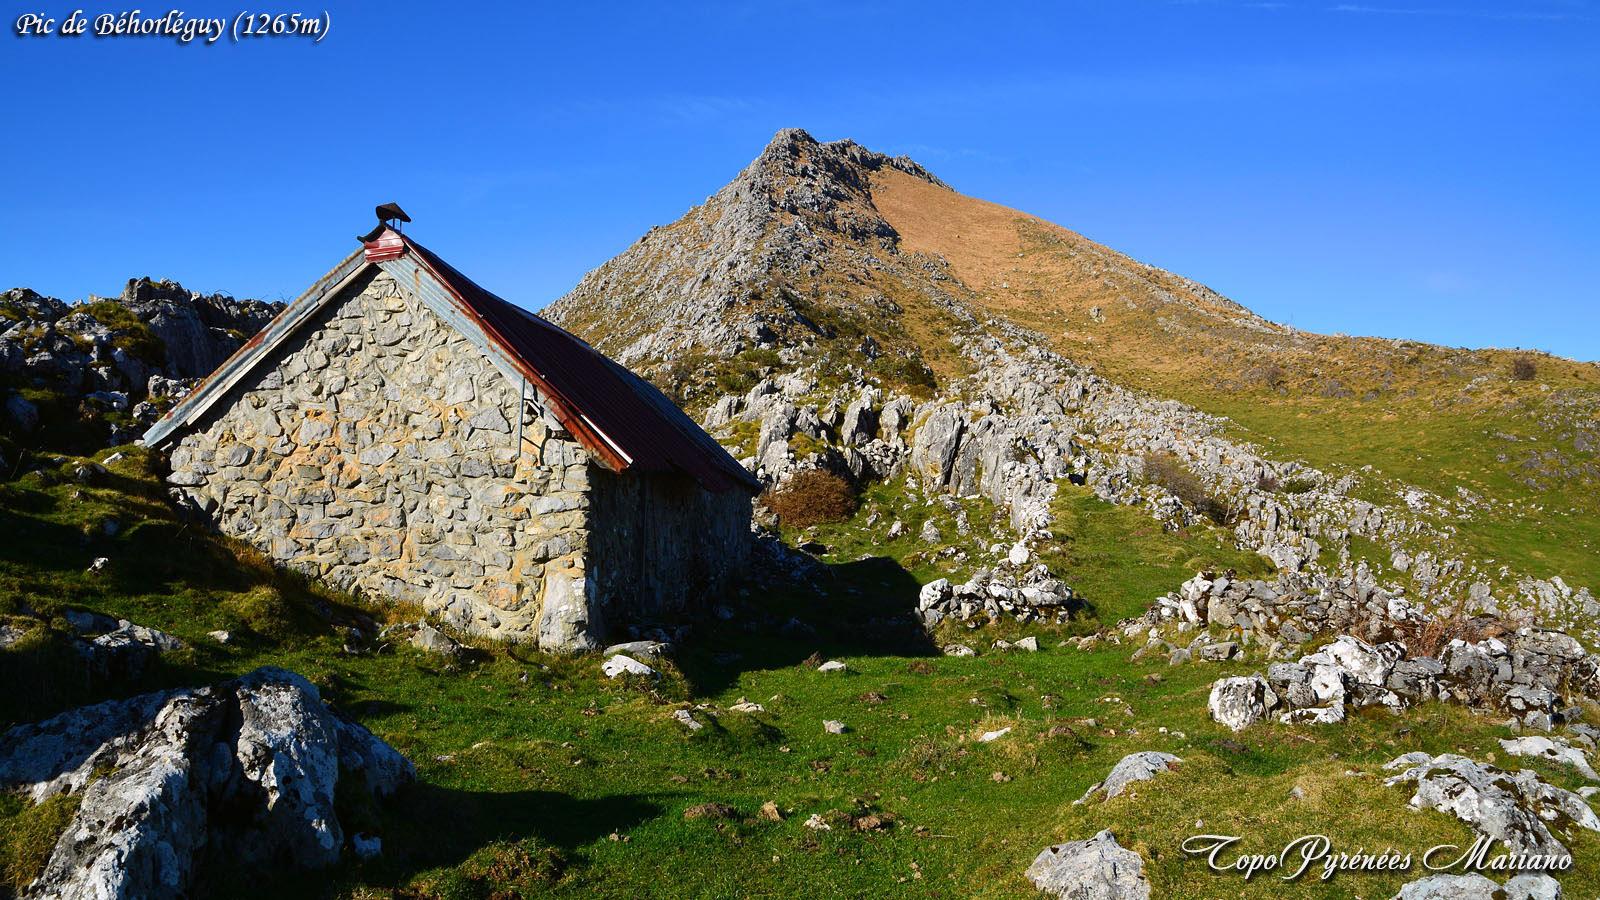 Randonnée Pic de Béhorléguy (1265m)